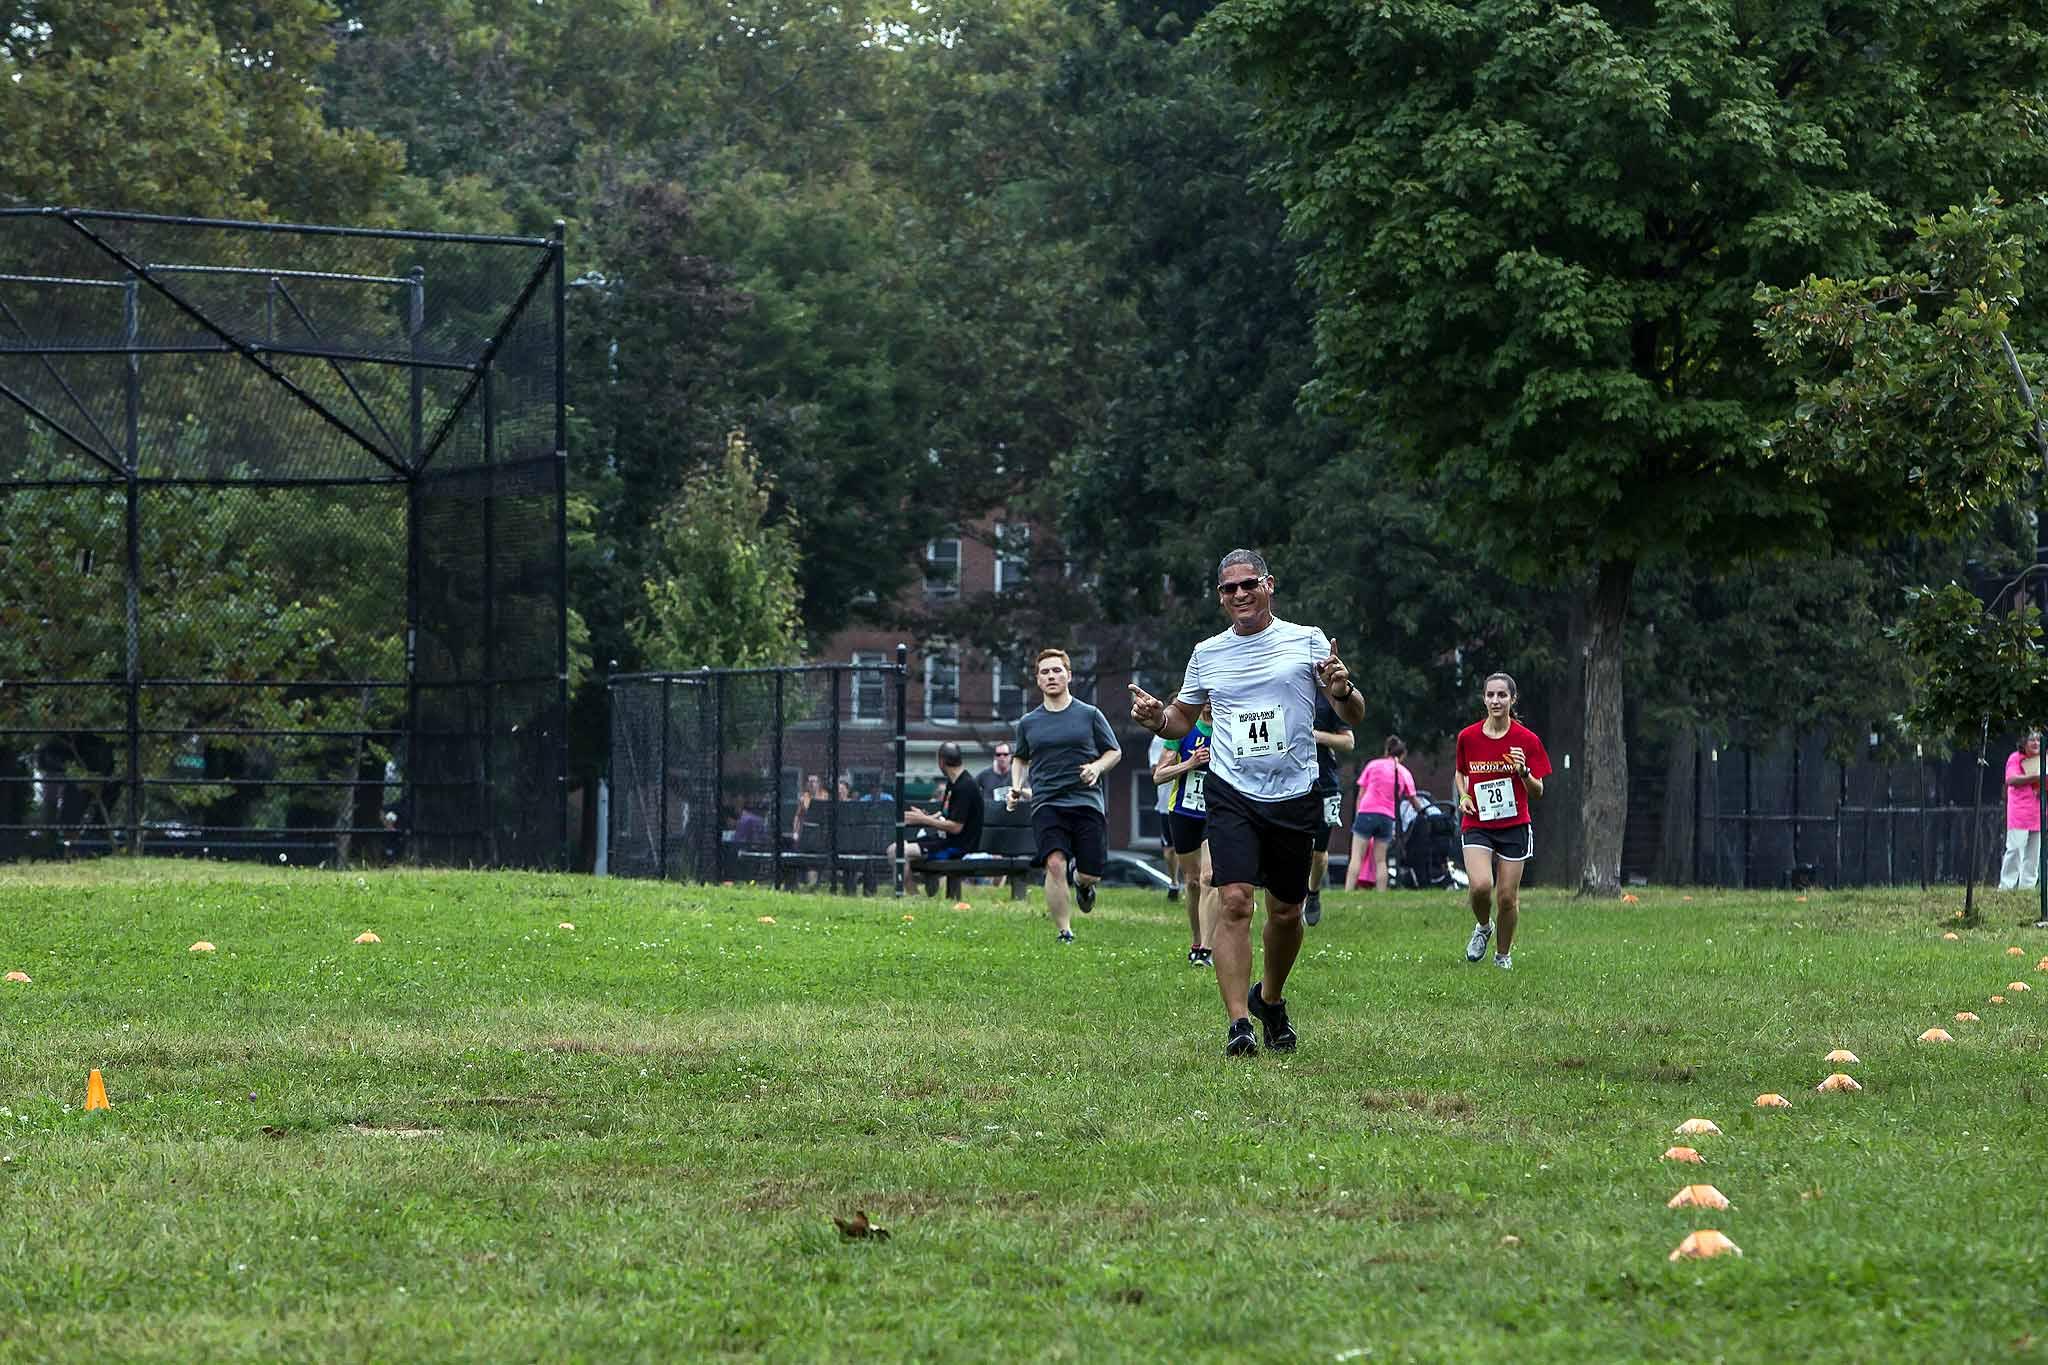 129-Woodlawn Run for a Cause-320.jpg